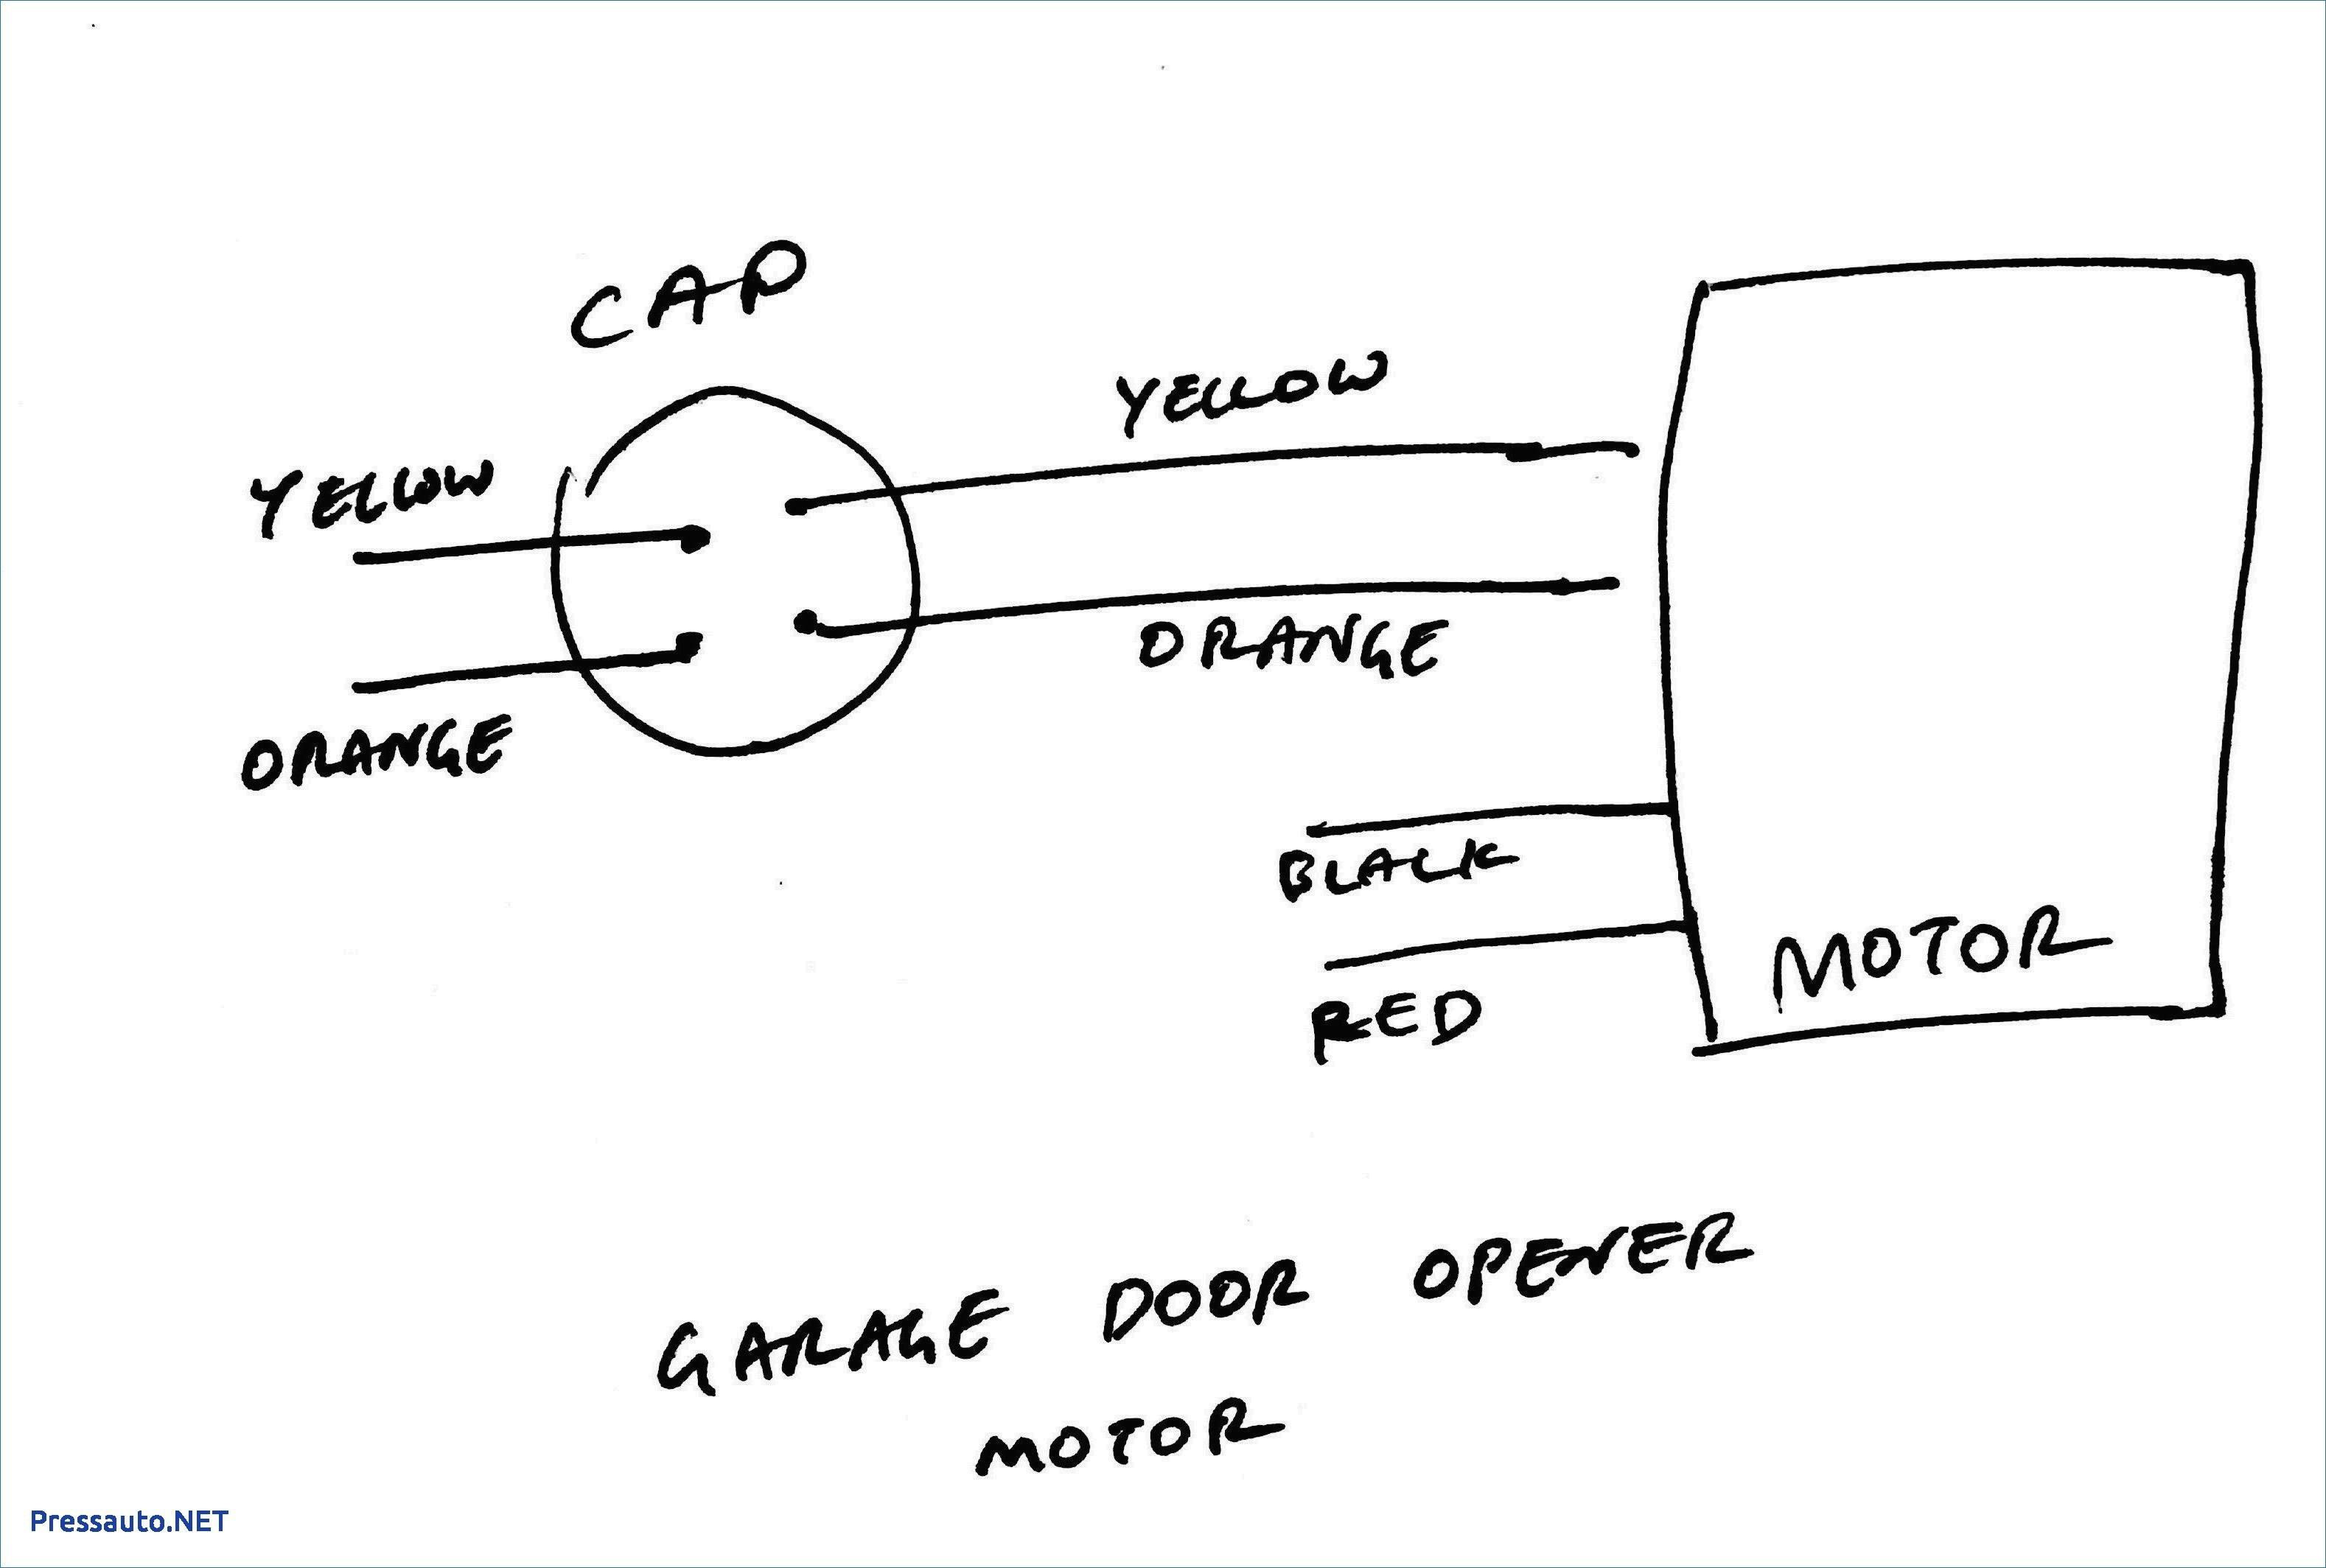 Dc Motor Wiring Diagram 4 Wire - Rca Subwoofer Wire Diagram for Wiring  Diagram SchematicsWiring Diagram Schematics